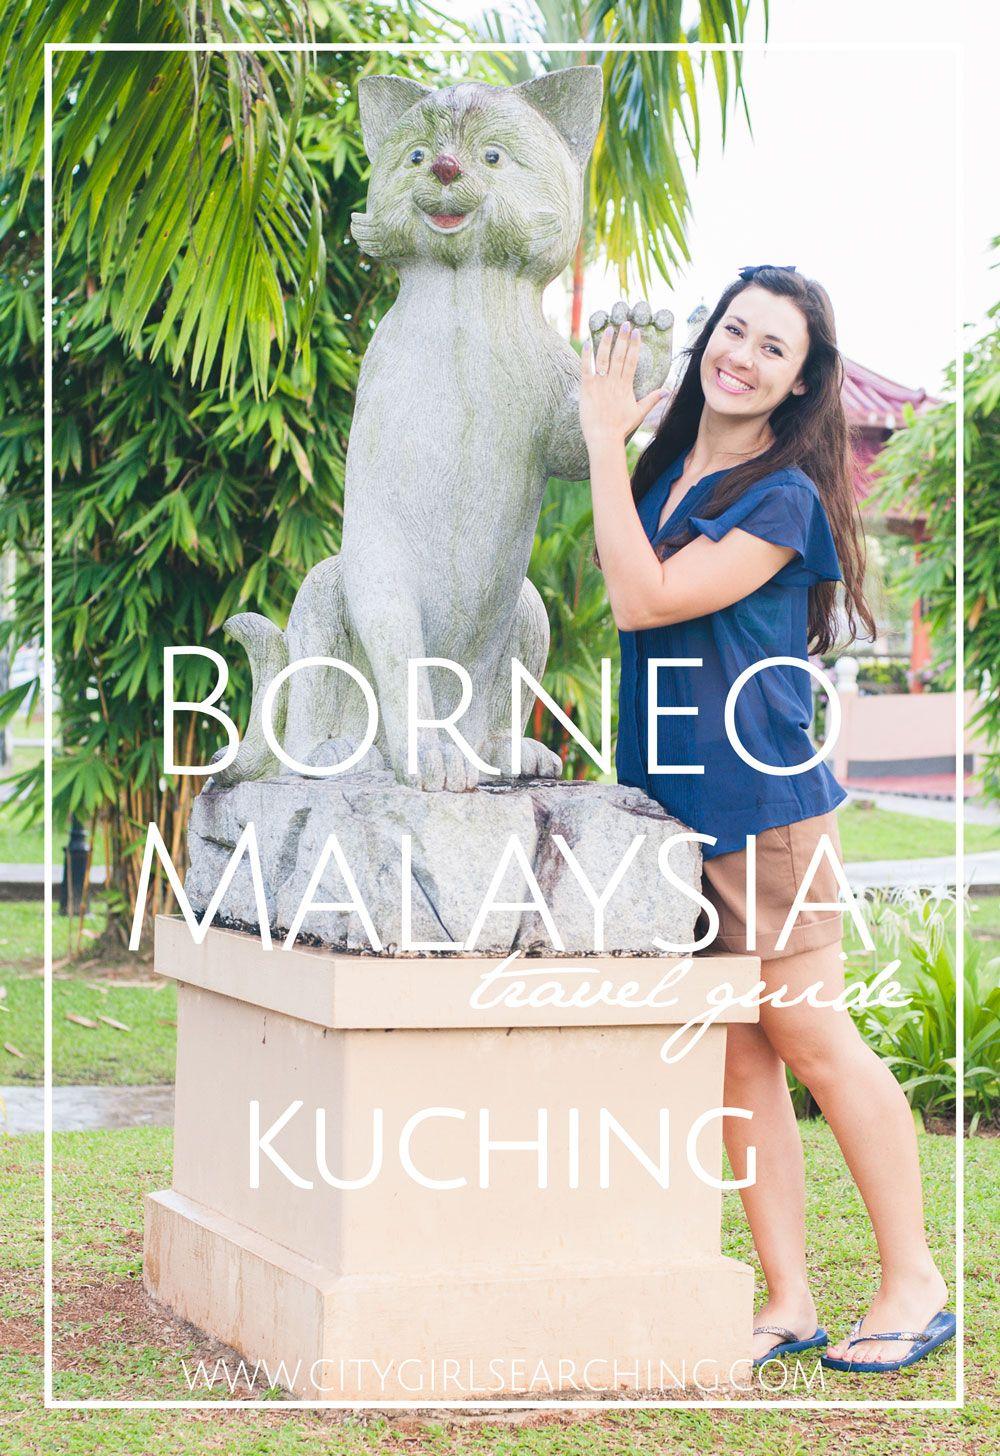 Borneo Travel Guide Kuching Borneo travel, Borneo, Kuching